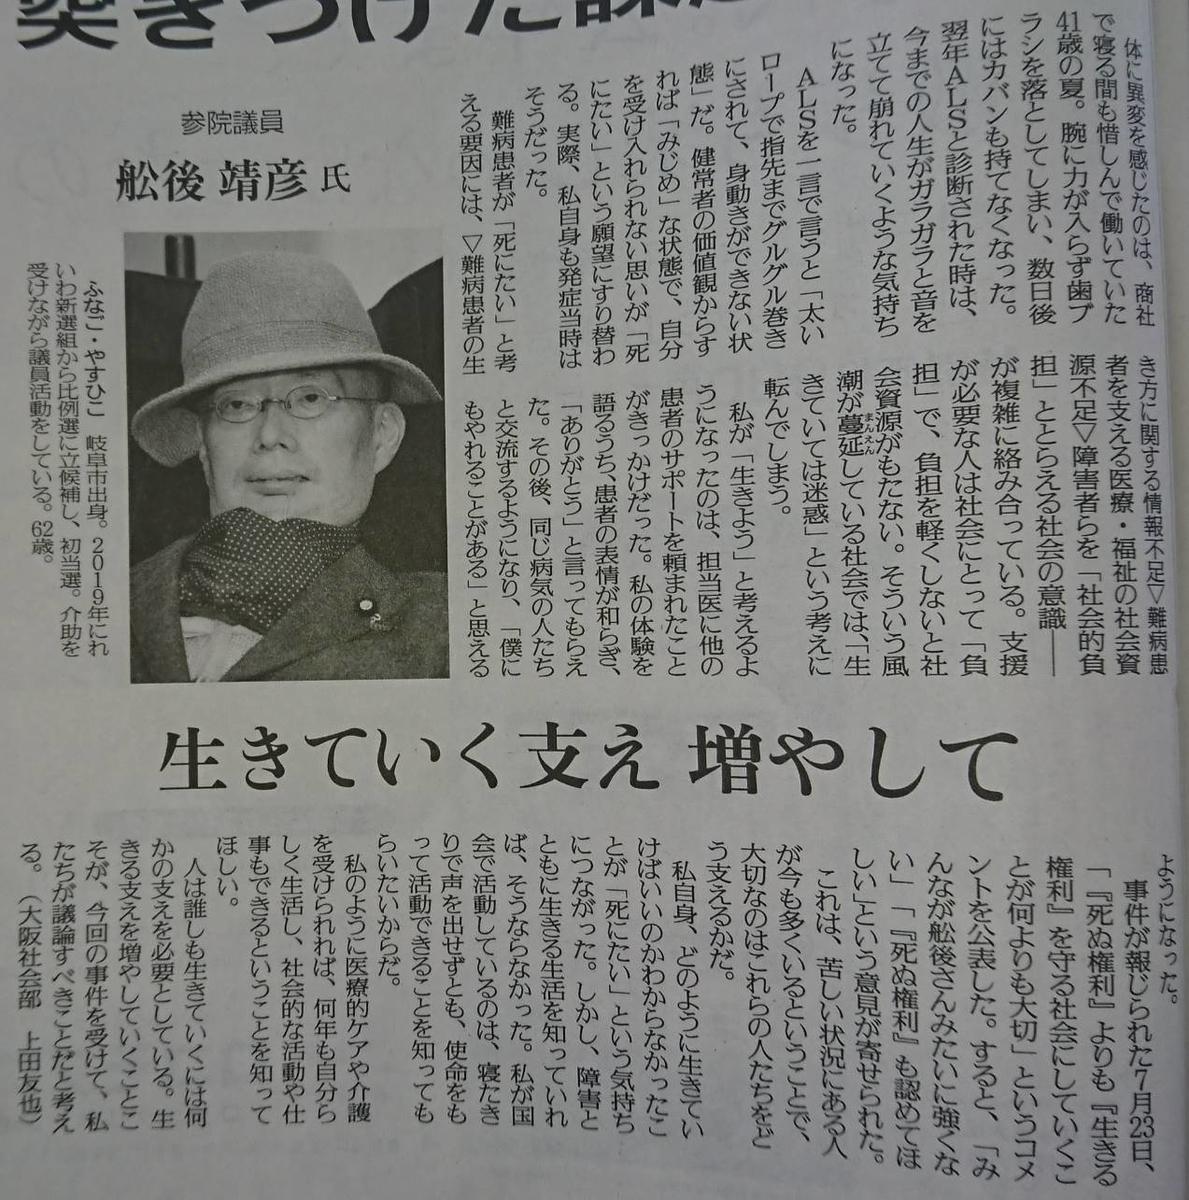 f:id:kazura-kobayashi:20200809230603j:plain